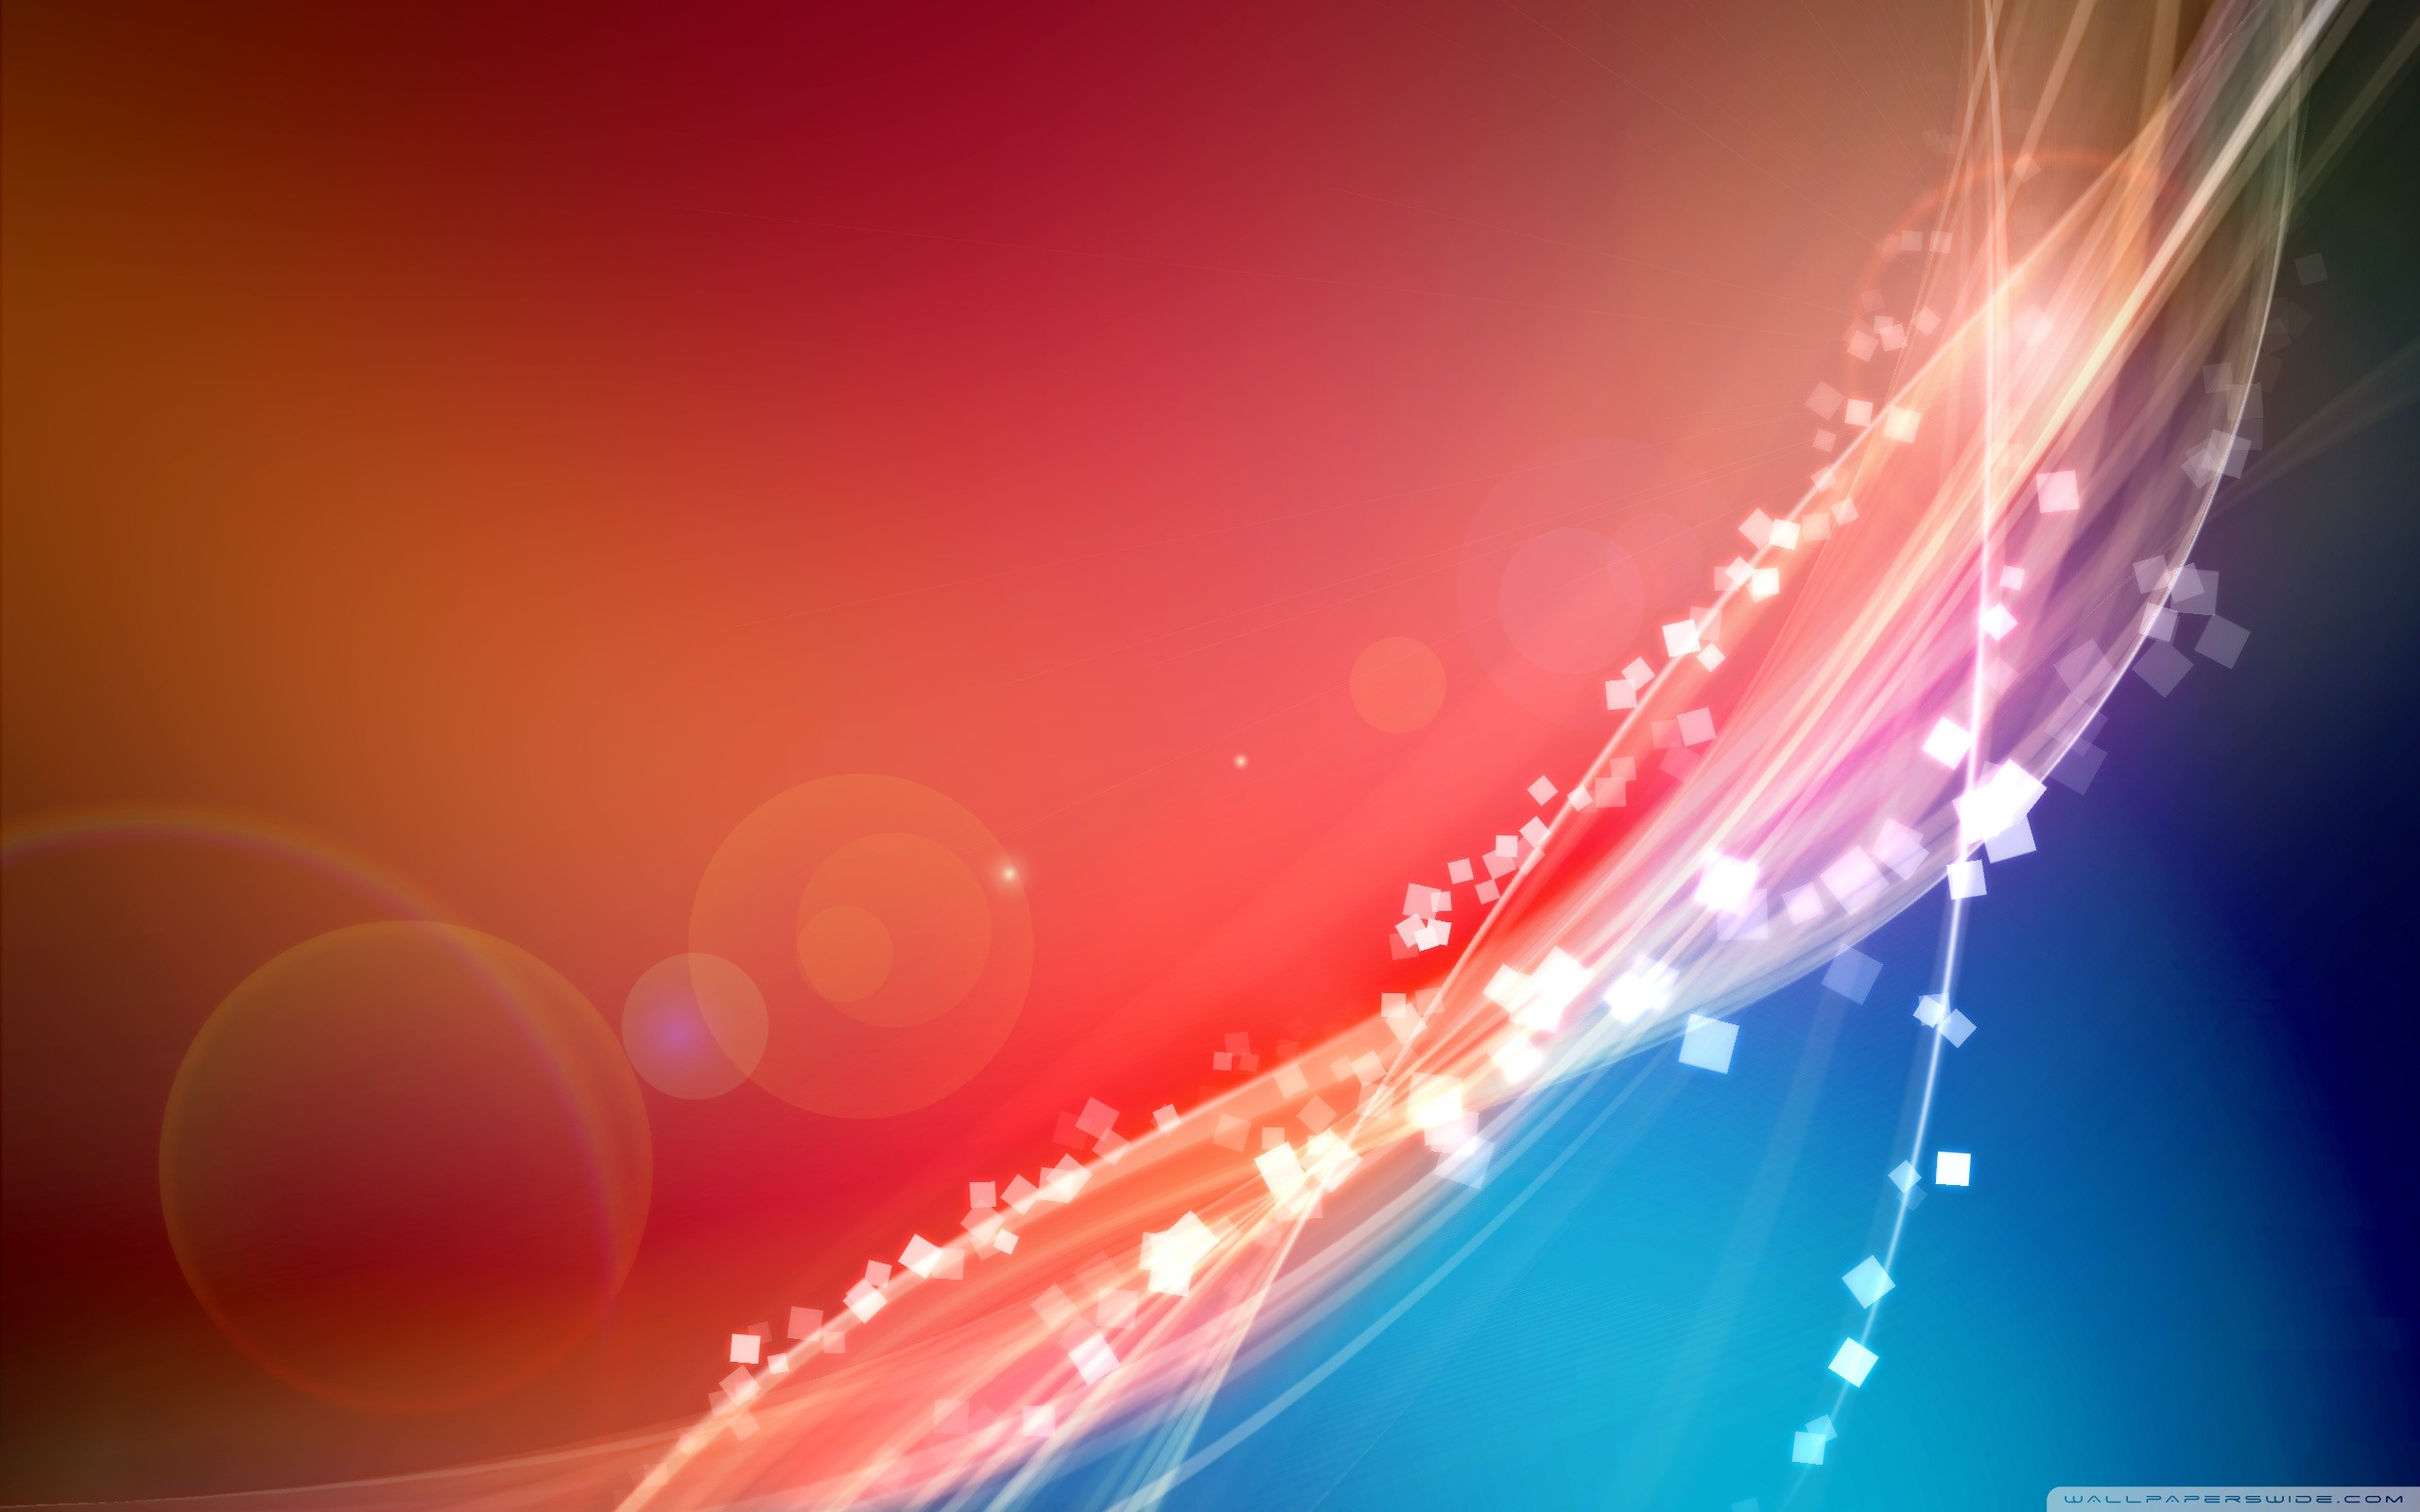 Red And Blue HD desktop wallpaper Widescreen High Definition